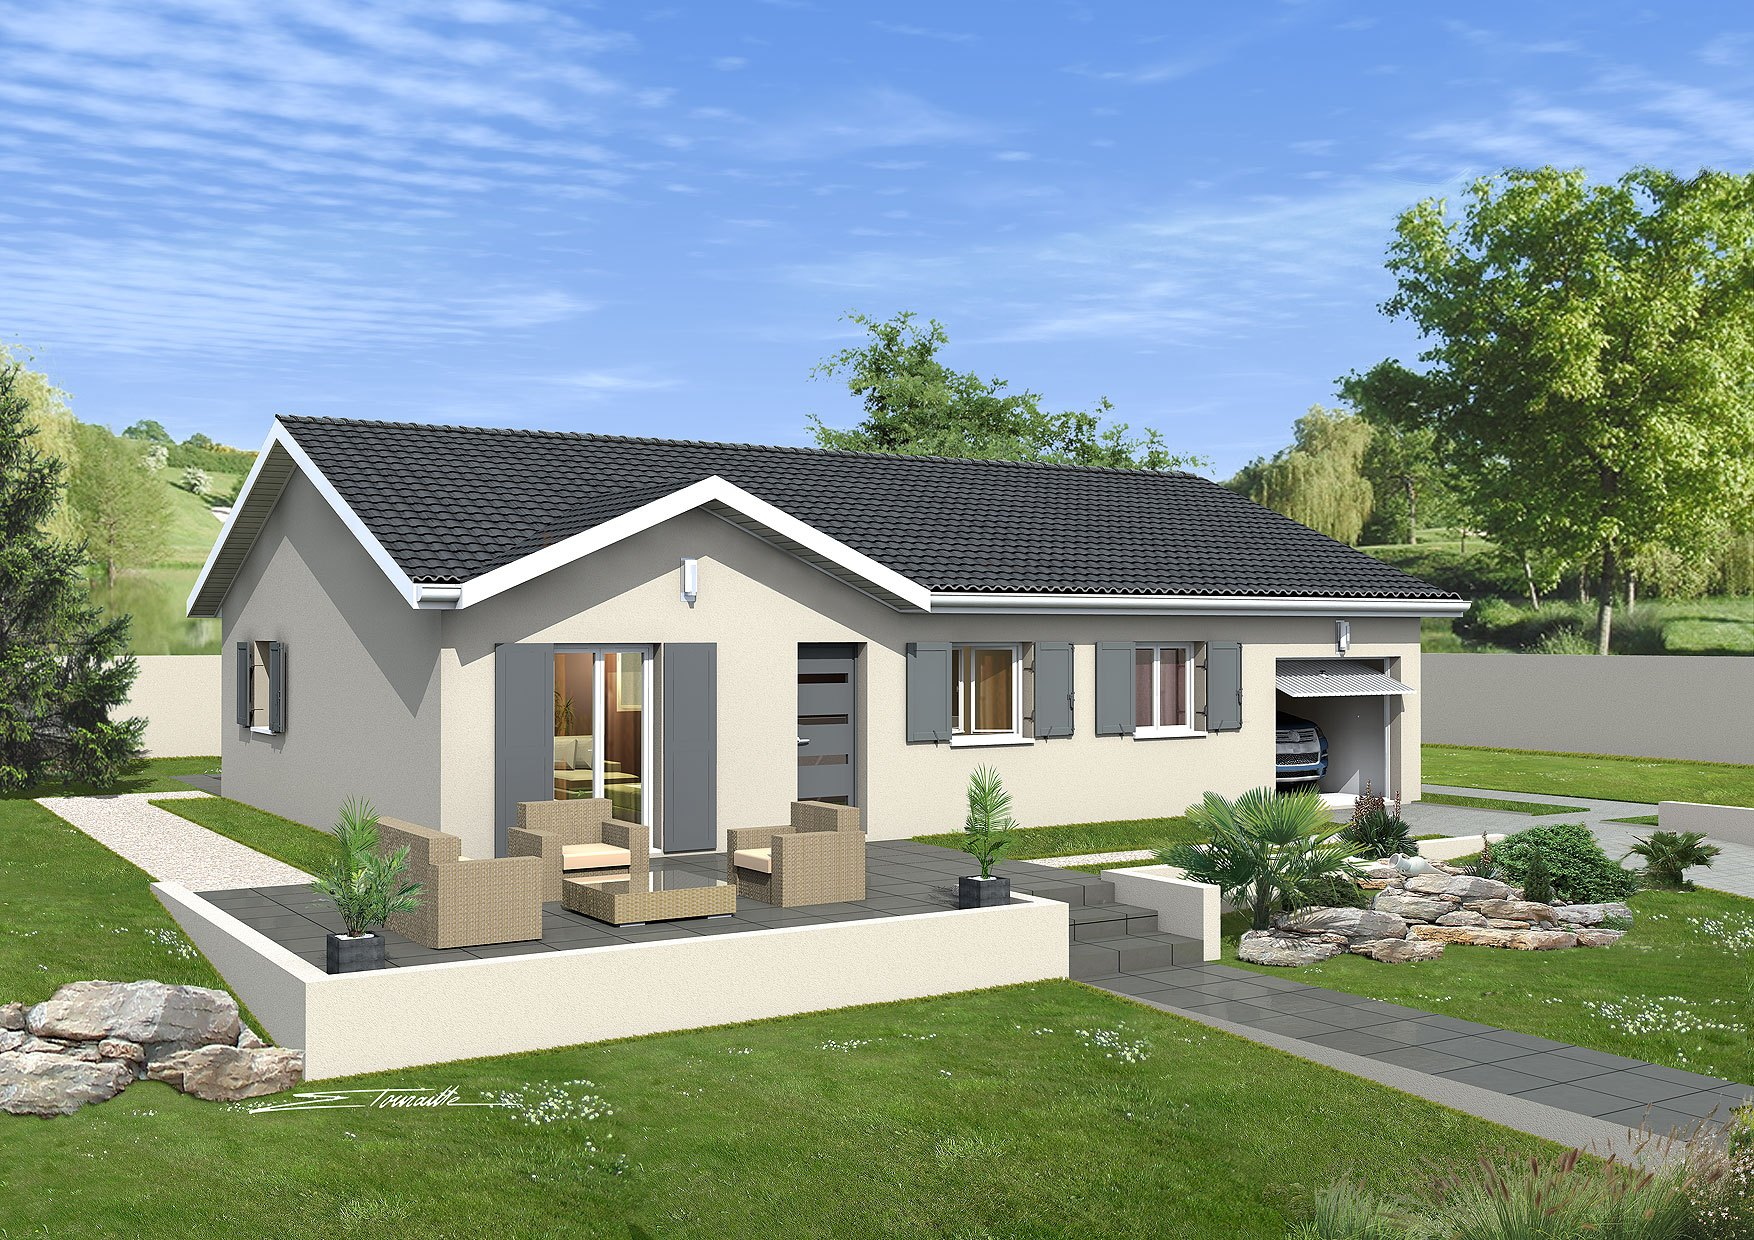 Maisons + Terrains du constructeur MAISONS PUNCH BOURGOIN • 89 m² • LES AVENIERES